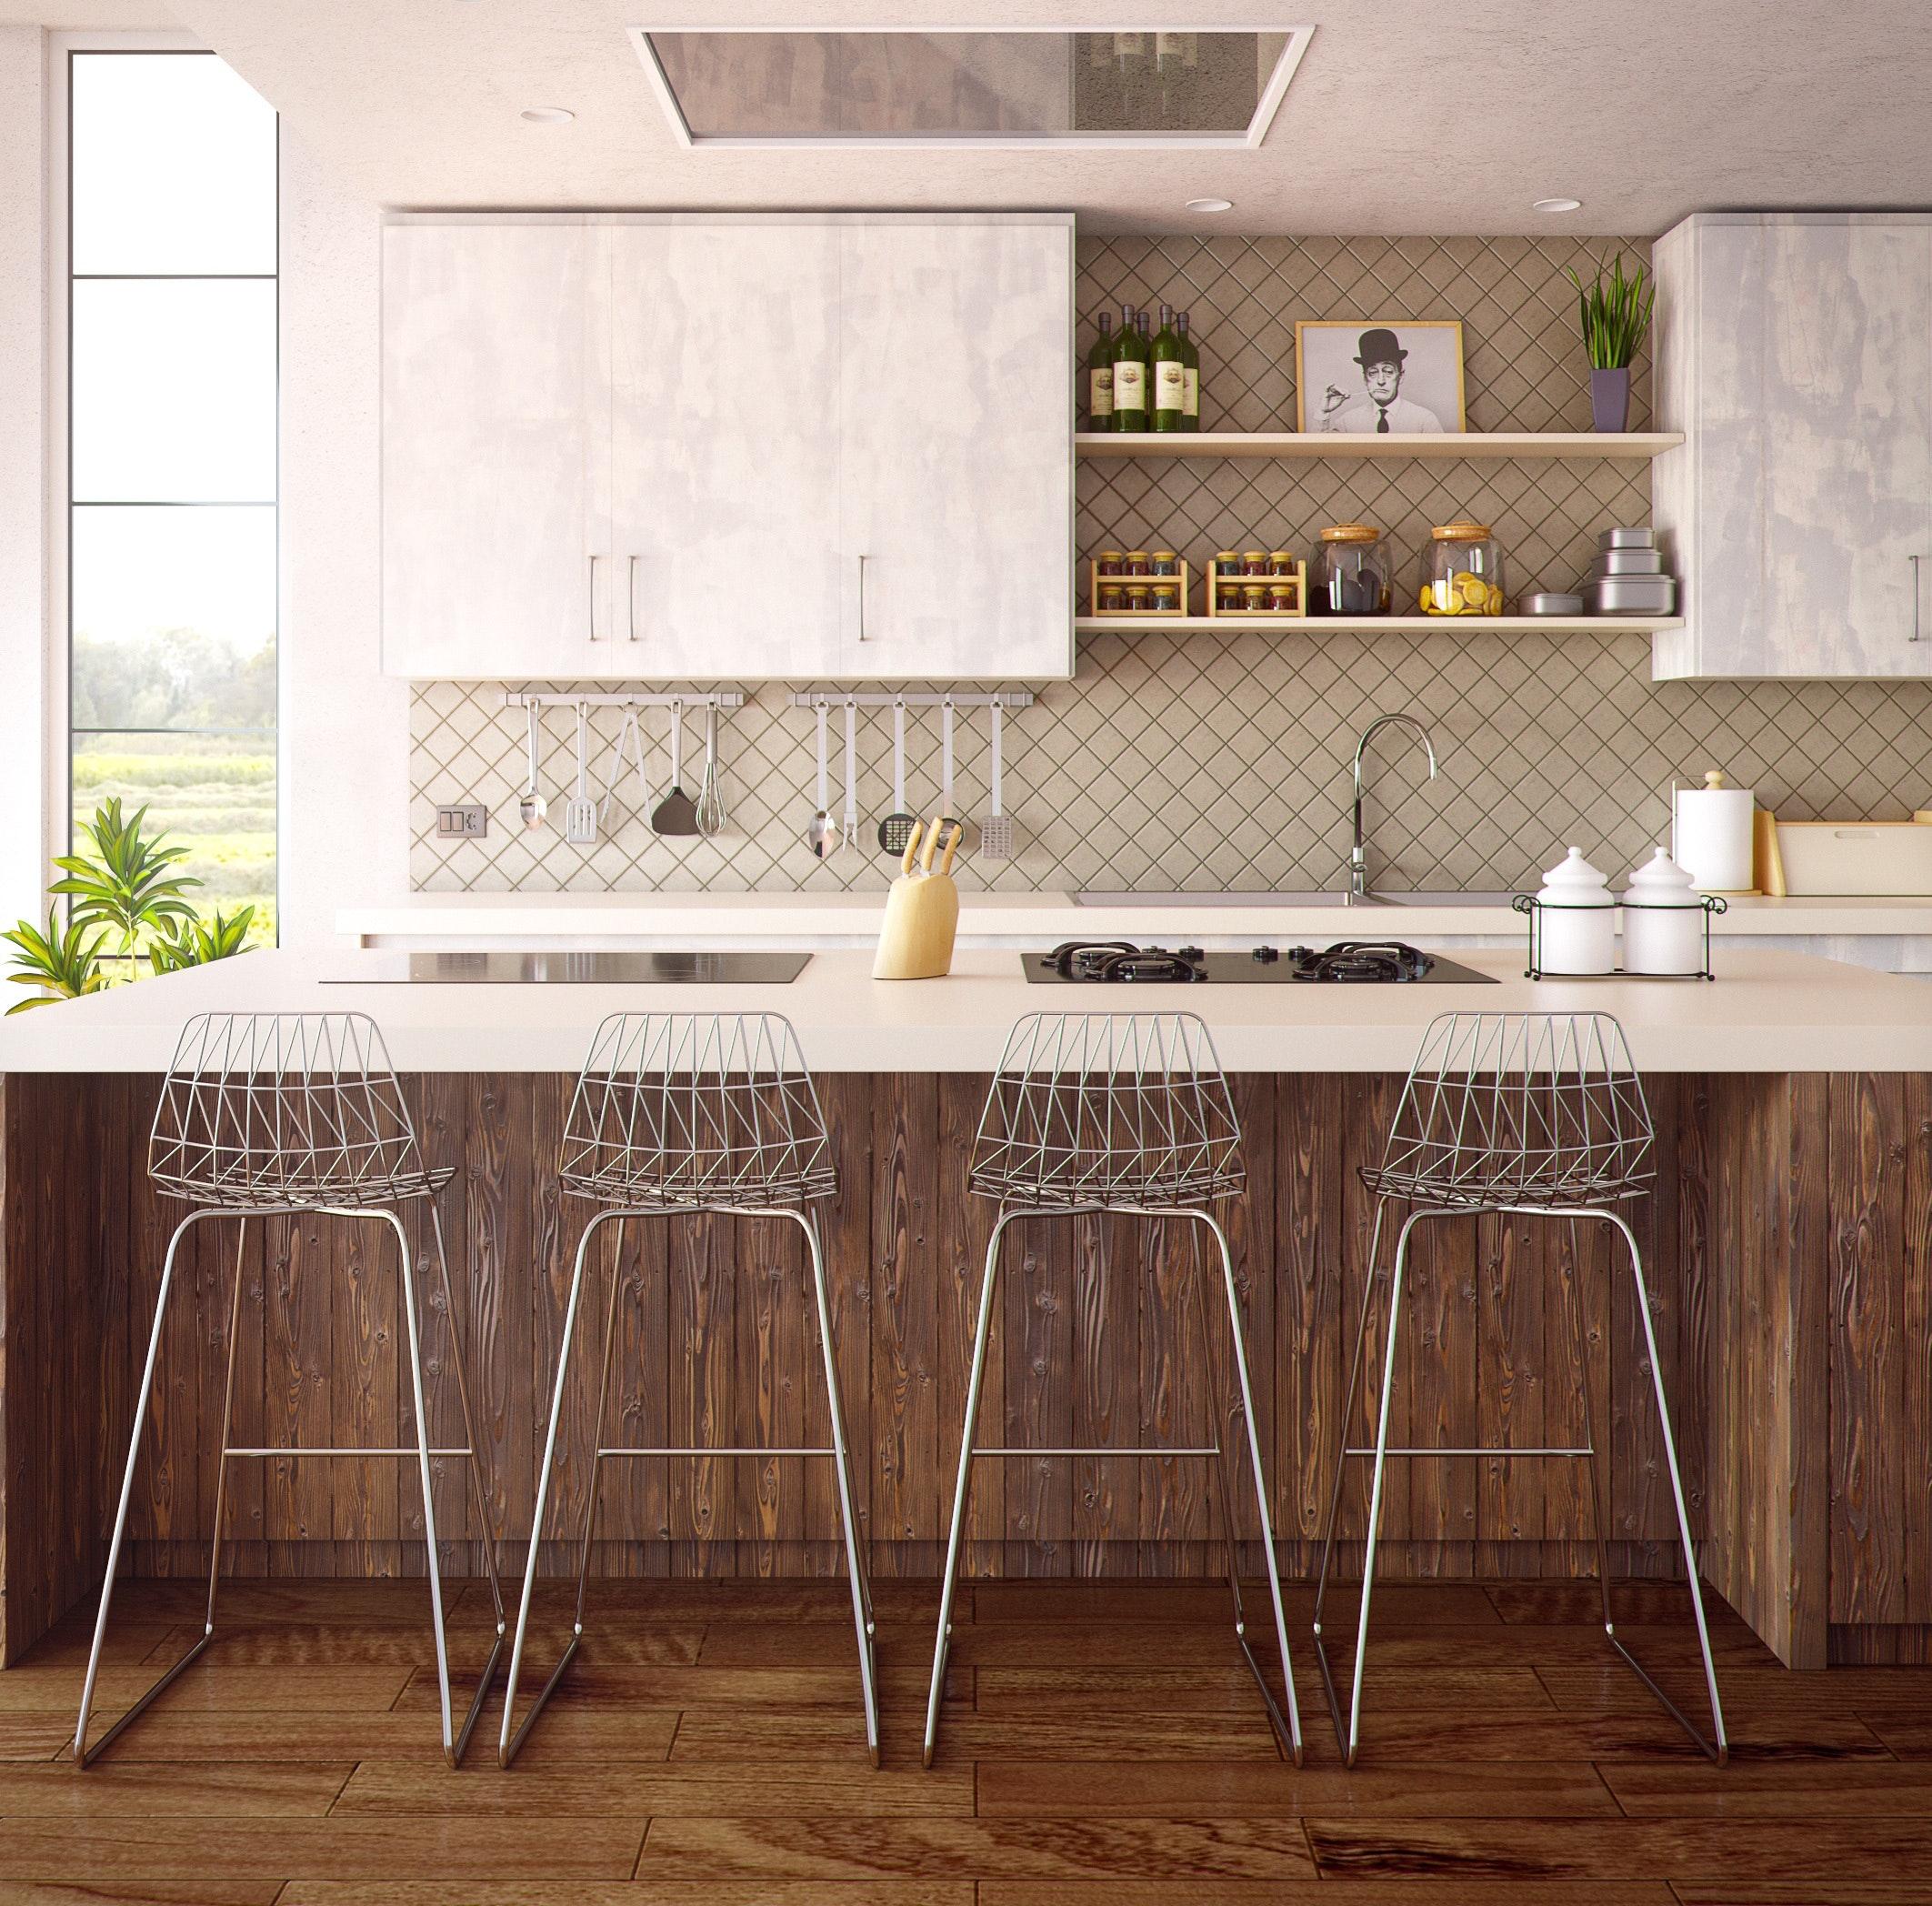 architecture backsplash cabinets 279648 1